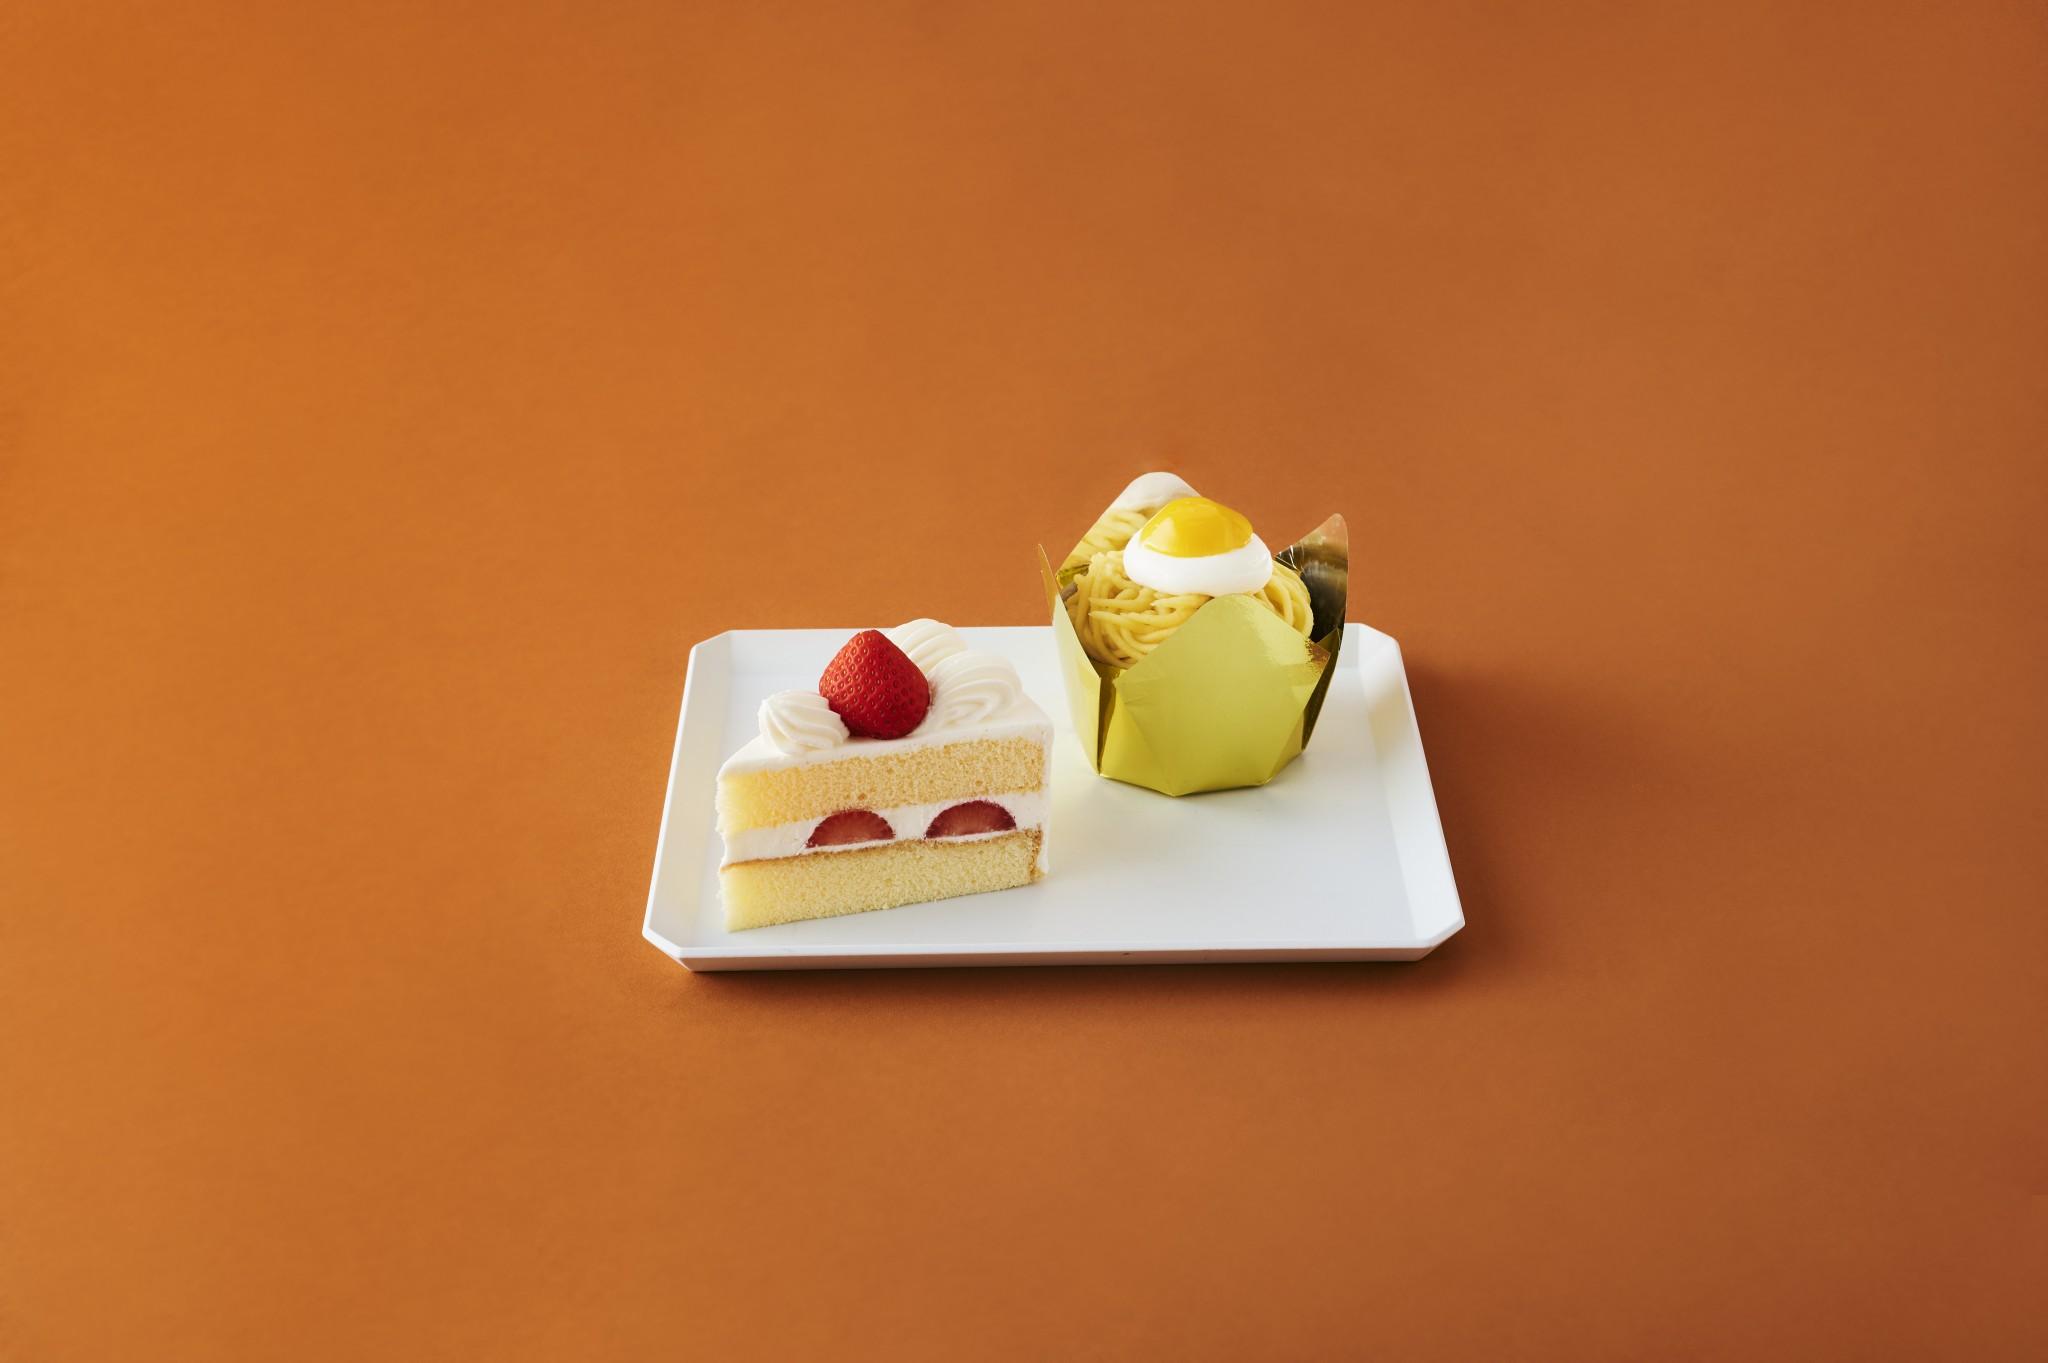 銀座名物の苺のショートケーキが「カプセルトイ」に!大銀座の定番・新定番を集めたカプセルトイ製作を特別リポート。